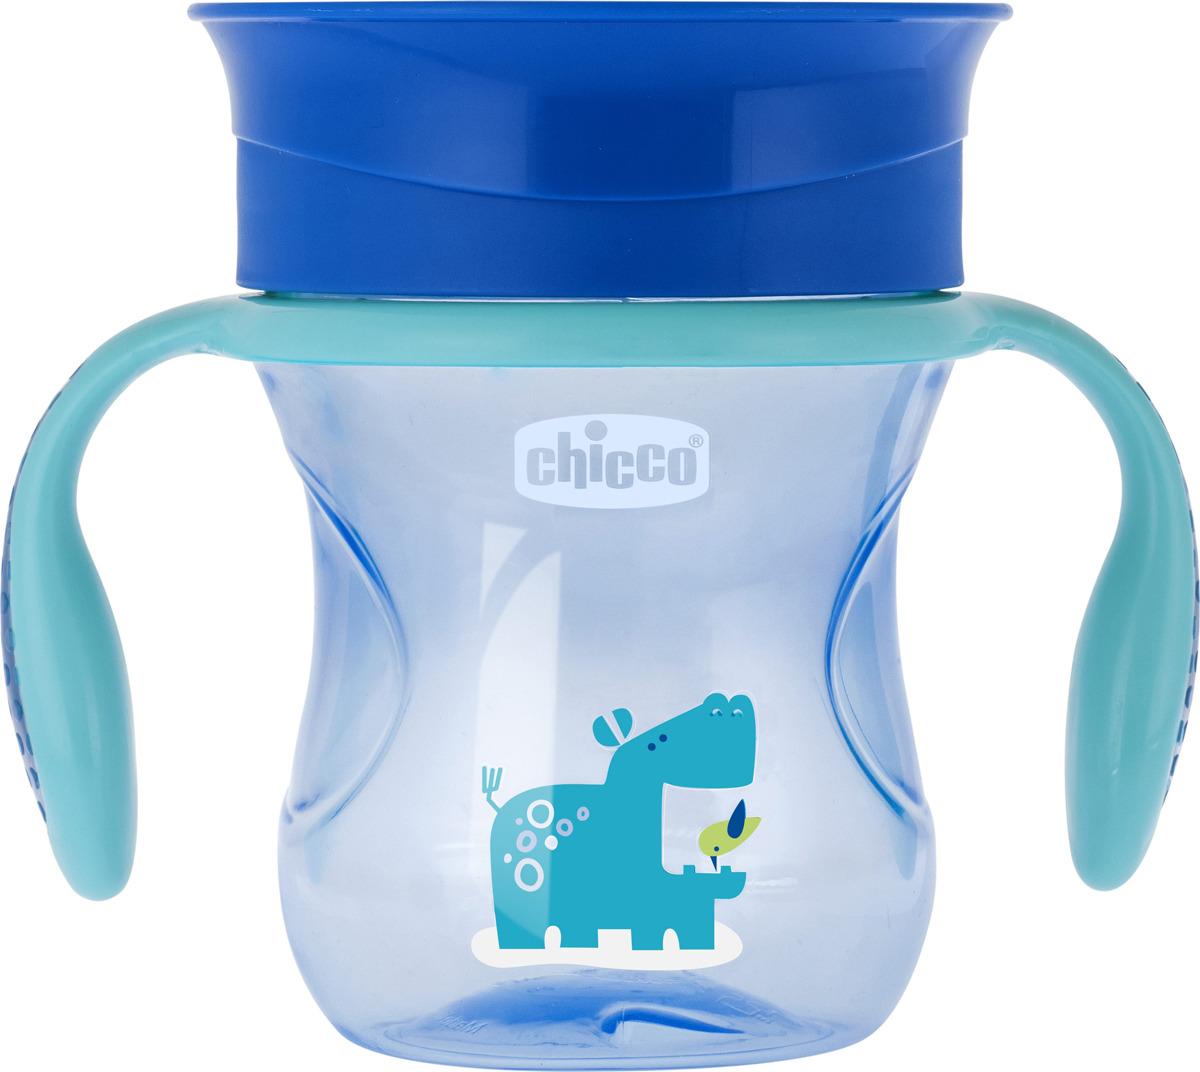 Фото - Чашка-поильник Chicco Perfect Cup, цвет голубой, 200 мл [супермаркет] jingdong геб scybe фил приблизительно круглая чашка установлена в вертикальном положении стеклянной чашки 290мла 6 z